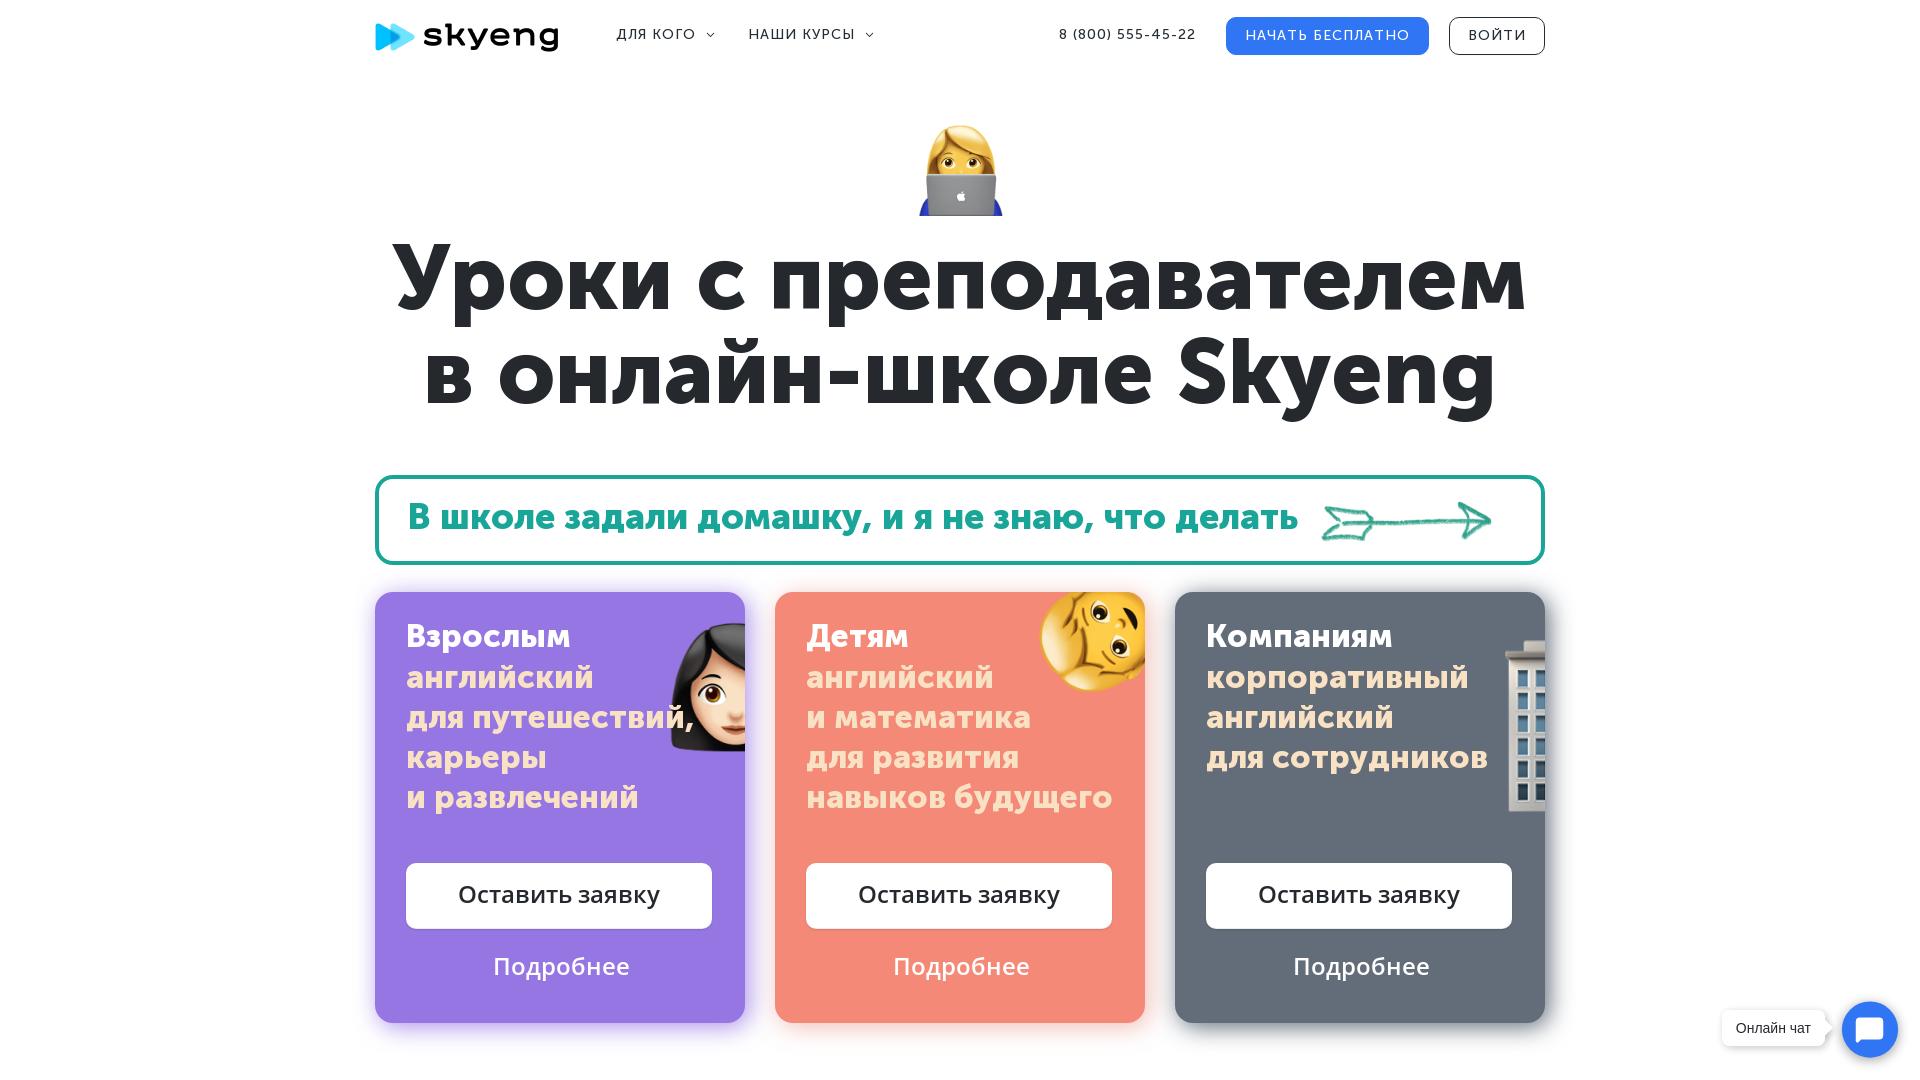 Skyeng website